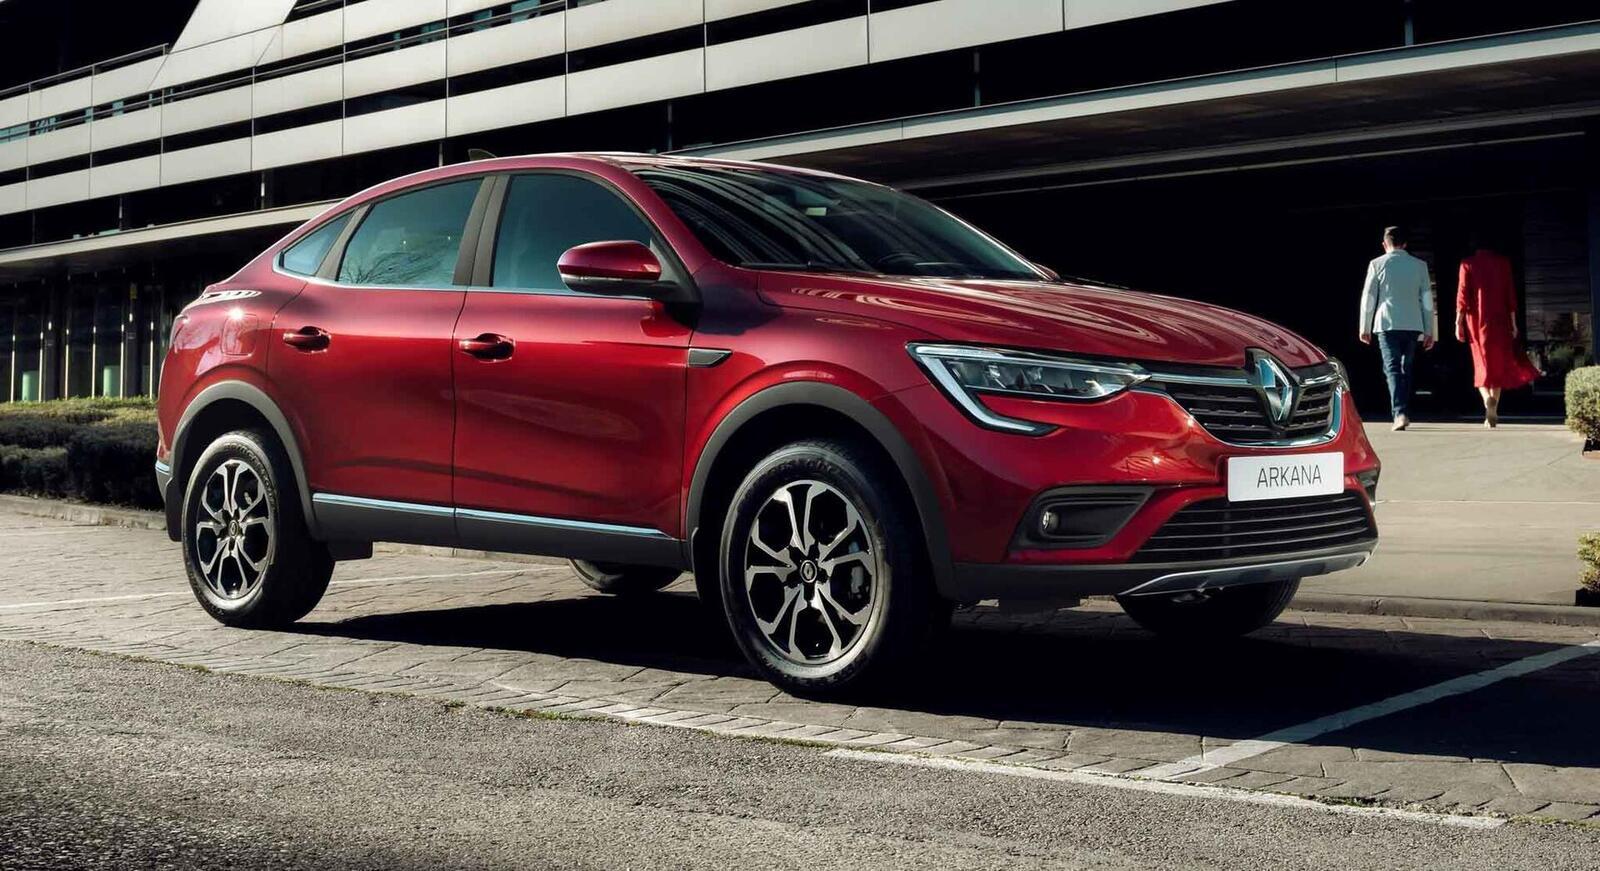 Renault giới thiệu Arkana mới: SUV Coupe mang thiết kế tương tự BMW X6 - Hình 2